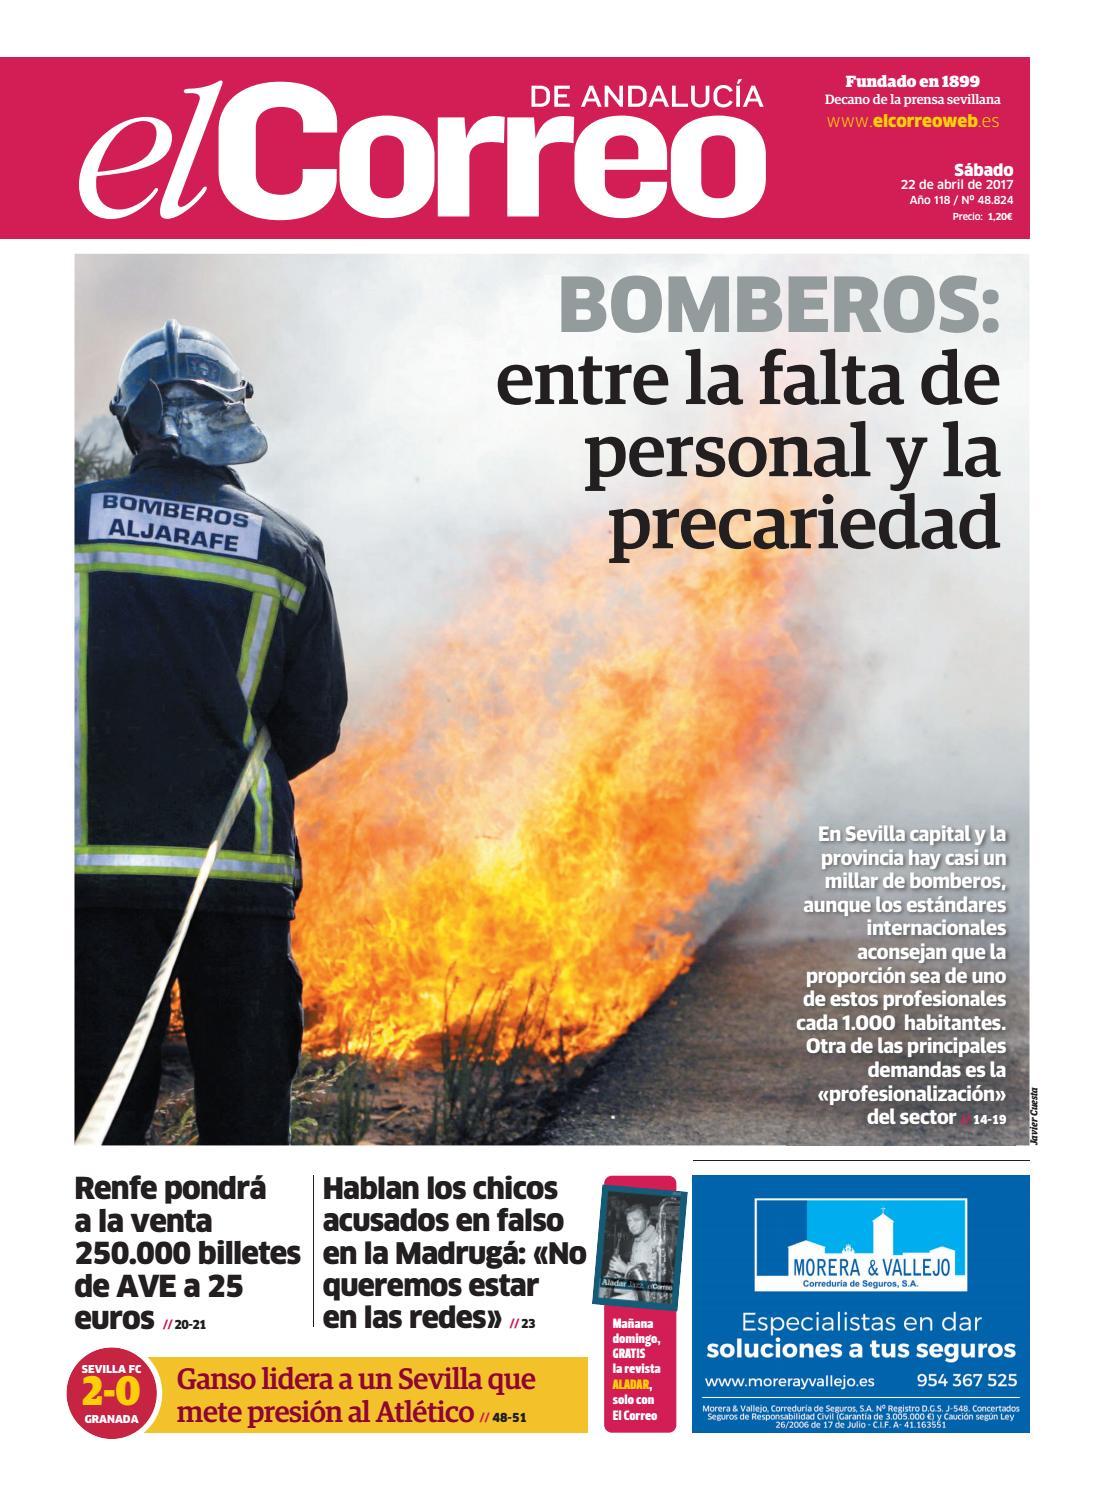 22 04 2017 El Correo De Andaluc A By El Correo De Andaluc A S L  # Muebles Sastre Viso Alcor